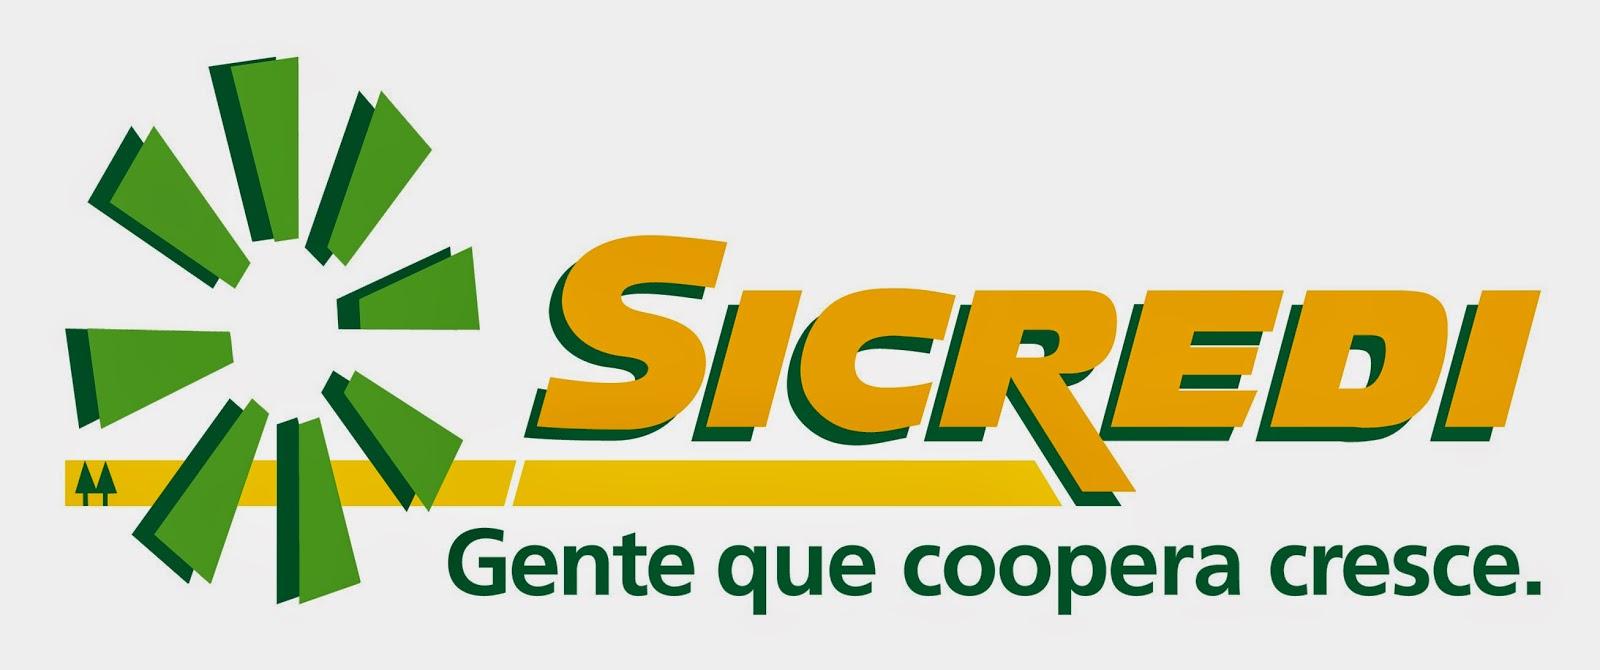 SICREDI..